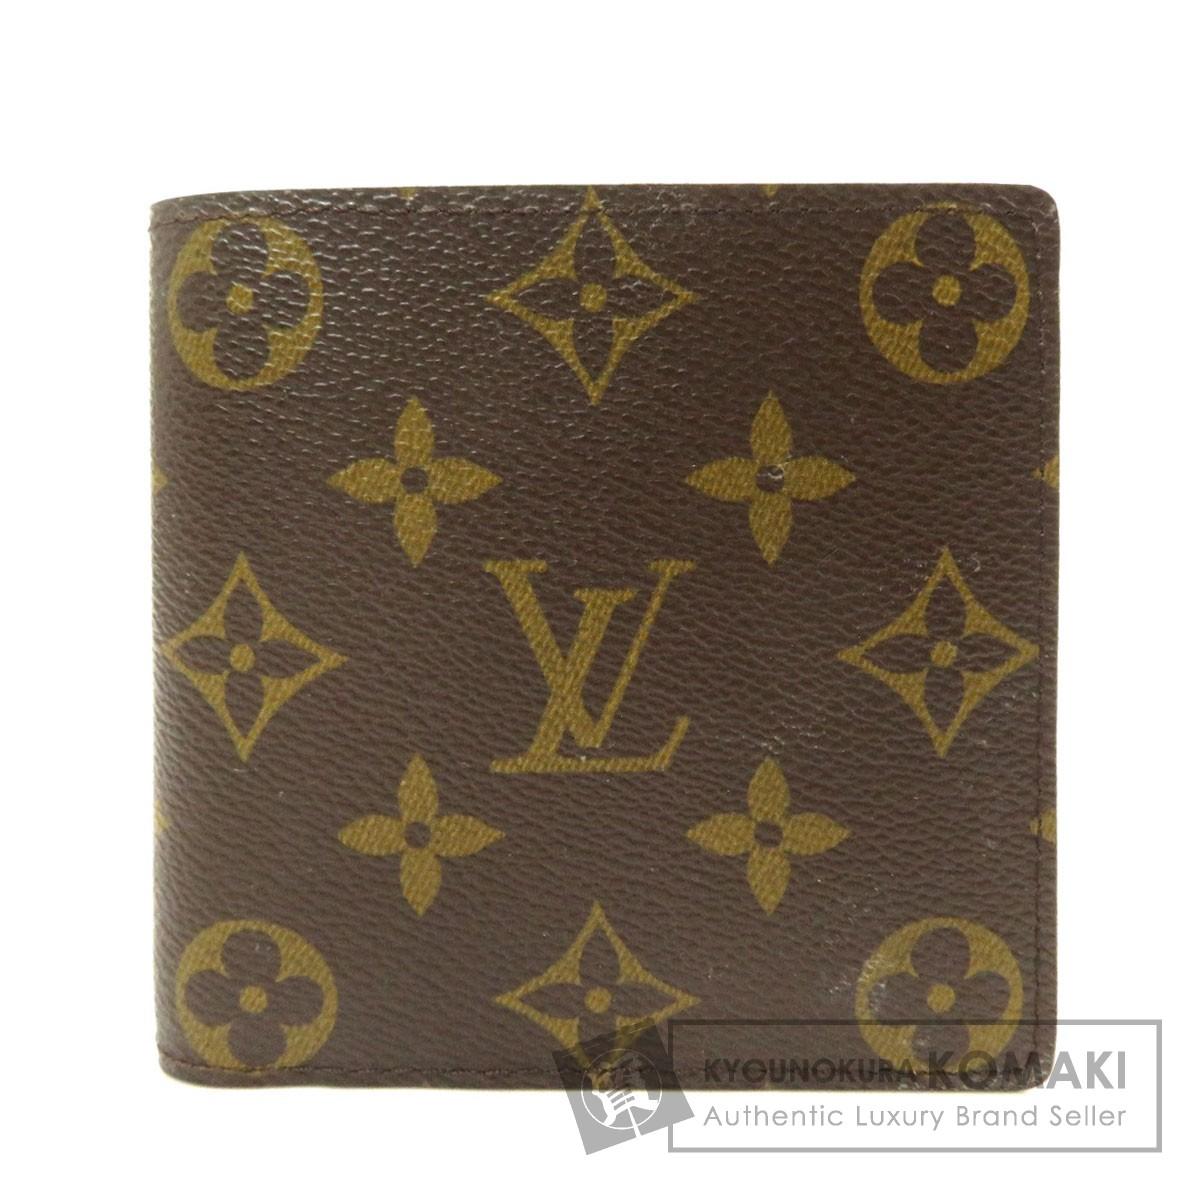 ルイヴィトン M61675 ポルトフォイユ・マルコ 二つ折り財布(小銭入れあり) モノグラムキャンバス メンズ 【中古】【LOUIS VUITTON】